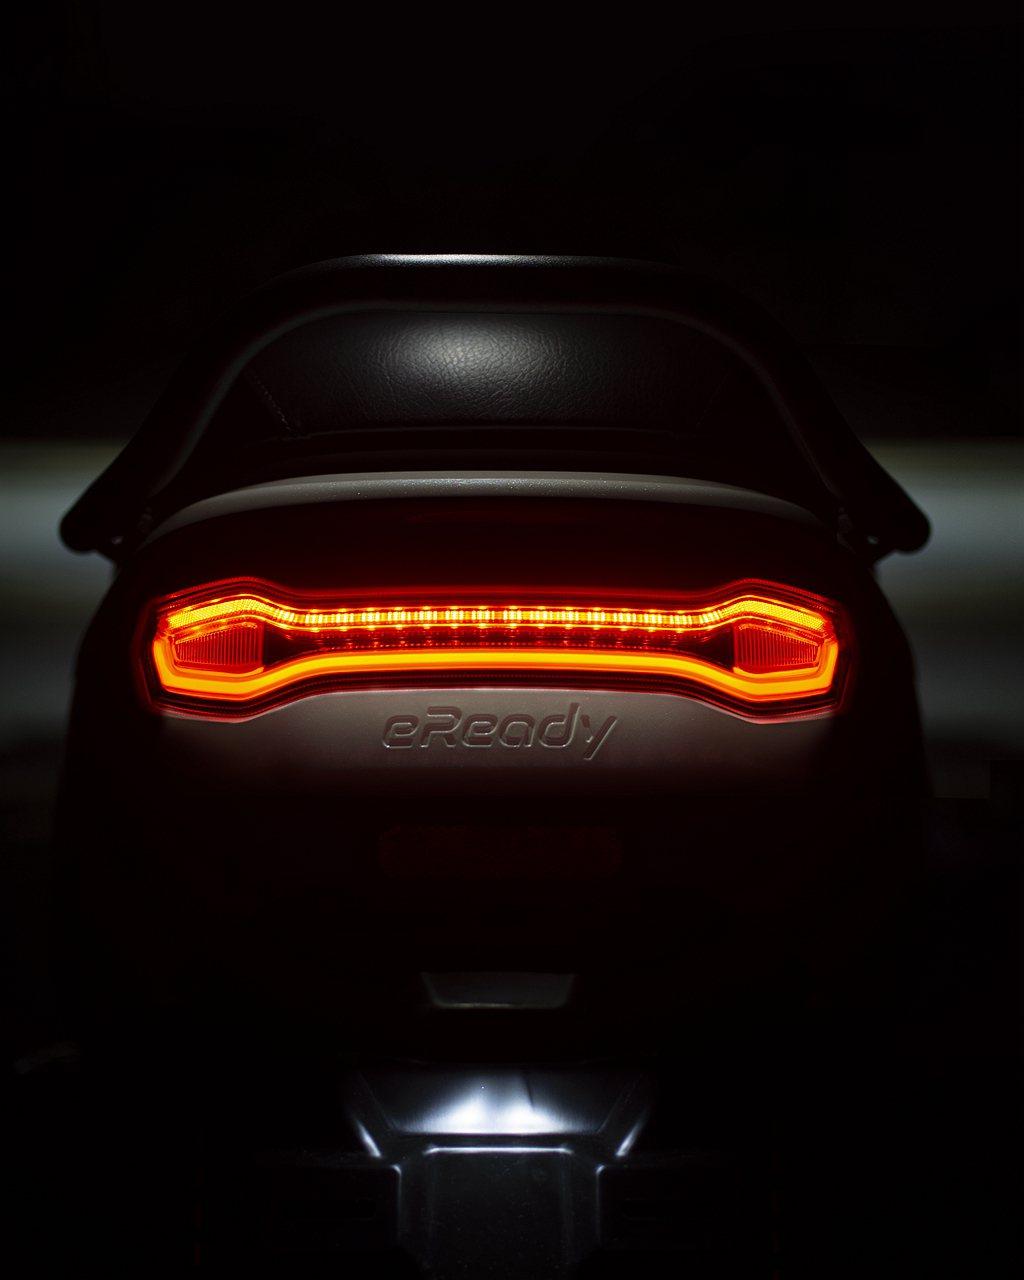 整體燈型的輪廓設計,創造出極度高質感的品牌車款辨識性,具科技感的酷炫尾燈在車流中...